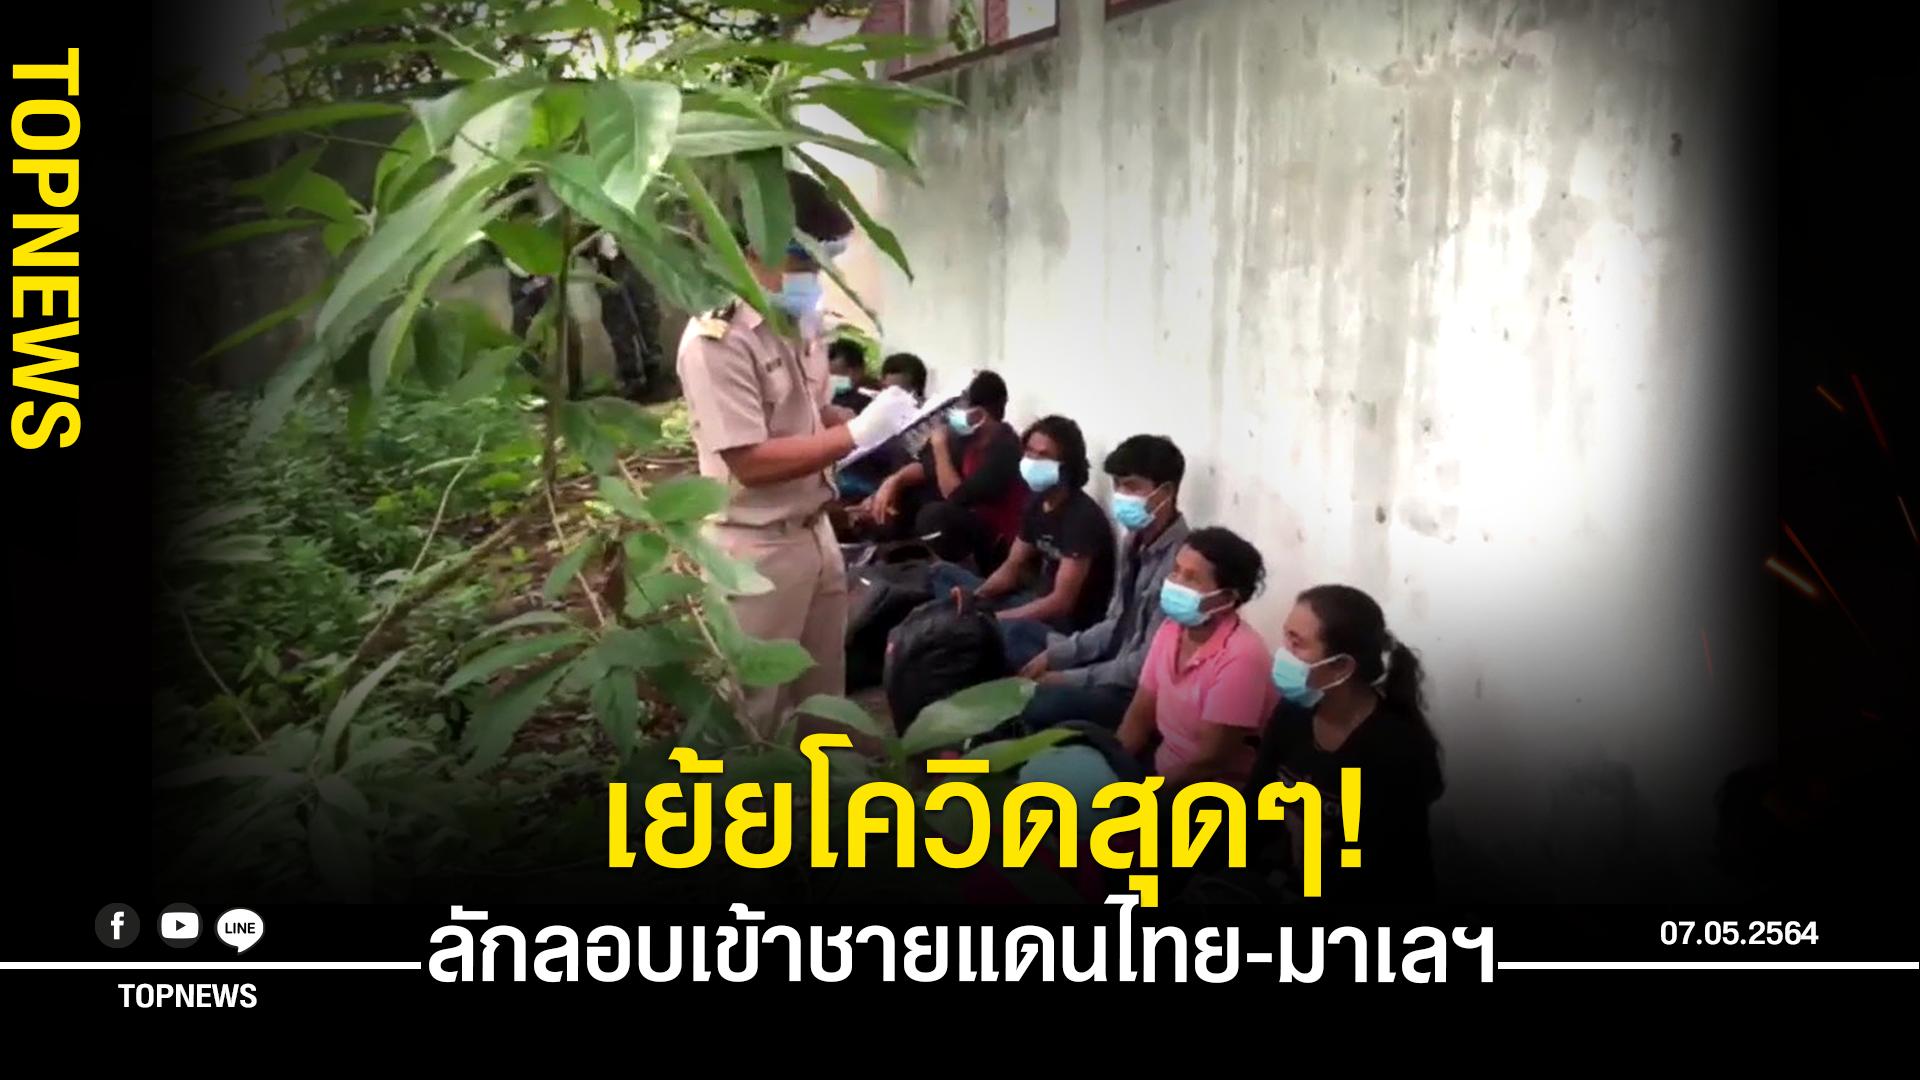 เย้ยโควิดสุดๆ! ตำรวจจับแท็กซี่ สารภาพสิ้นลักลอบขนแรงงานต่างด้าว ชายแดนไทยมาเลฯเข้าประเทศ